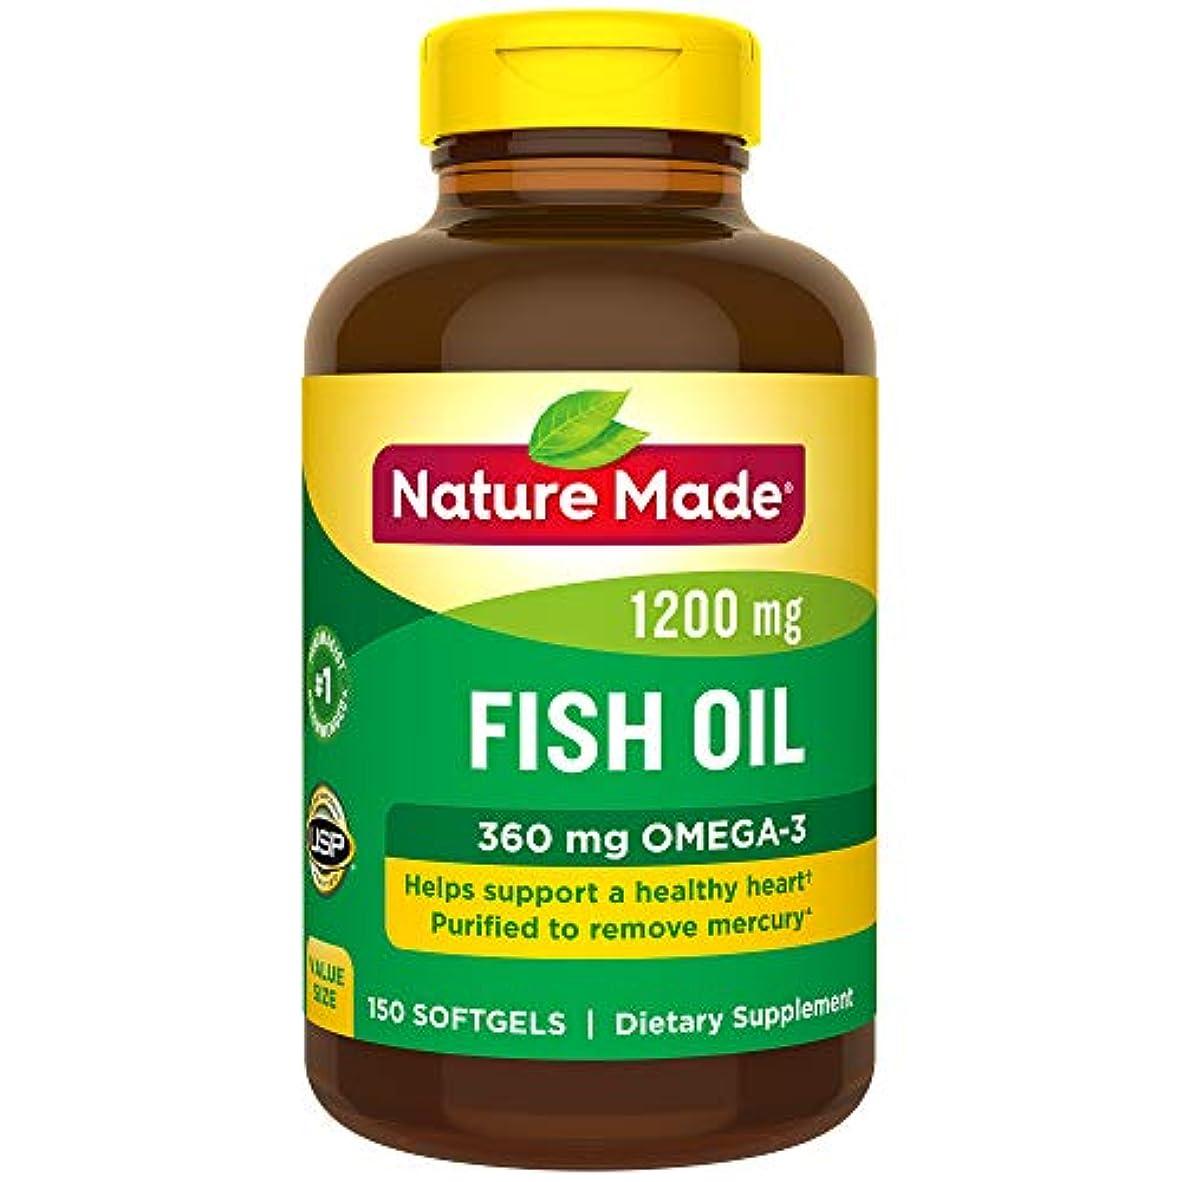 接続安価なくすぐったいネイチャーメイド Nature Made フィッシュオイル オメガ3 サプリメント ソフトジェル 150粒 [並行輸入]